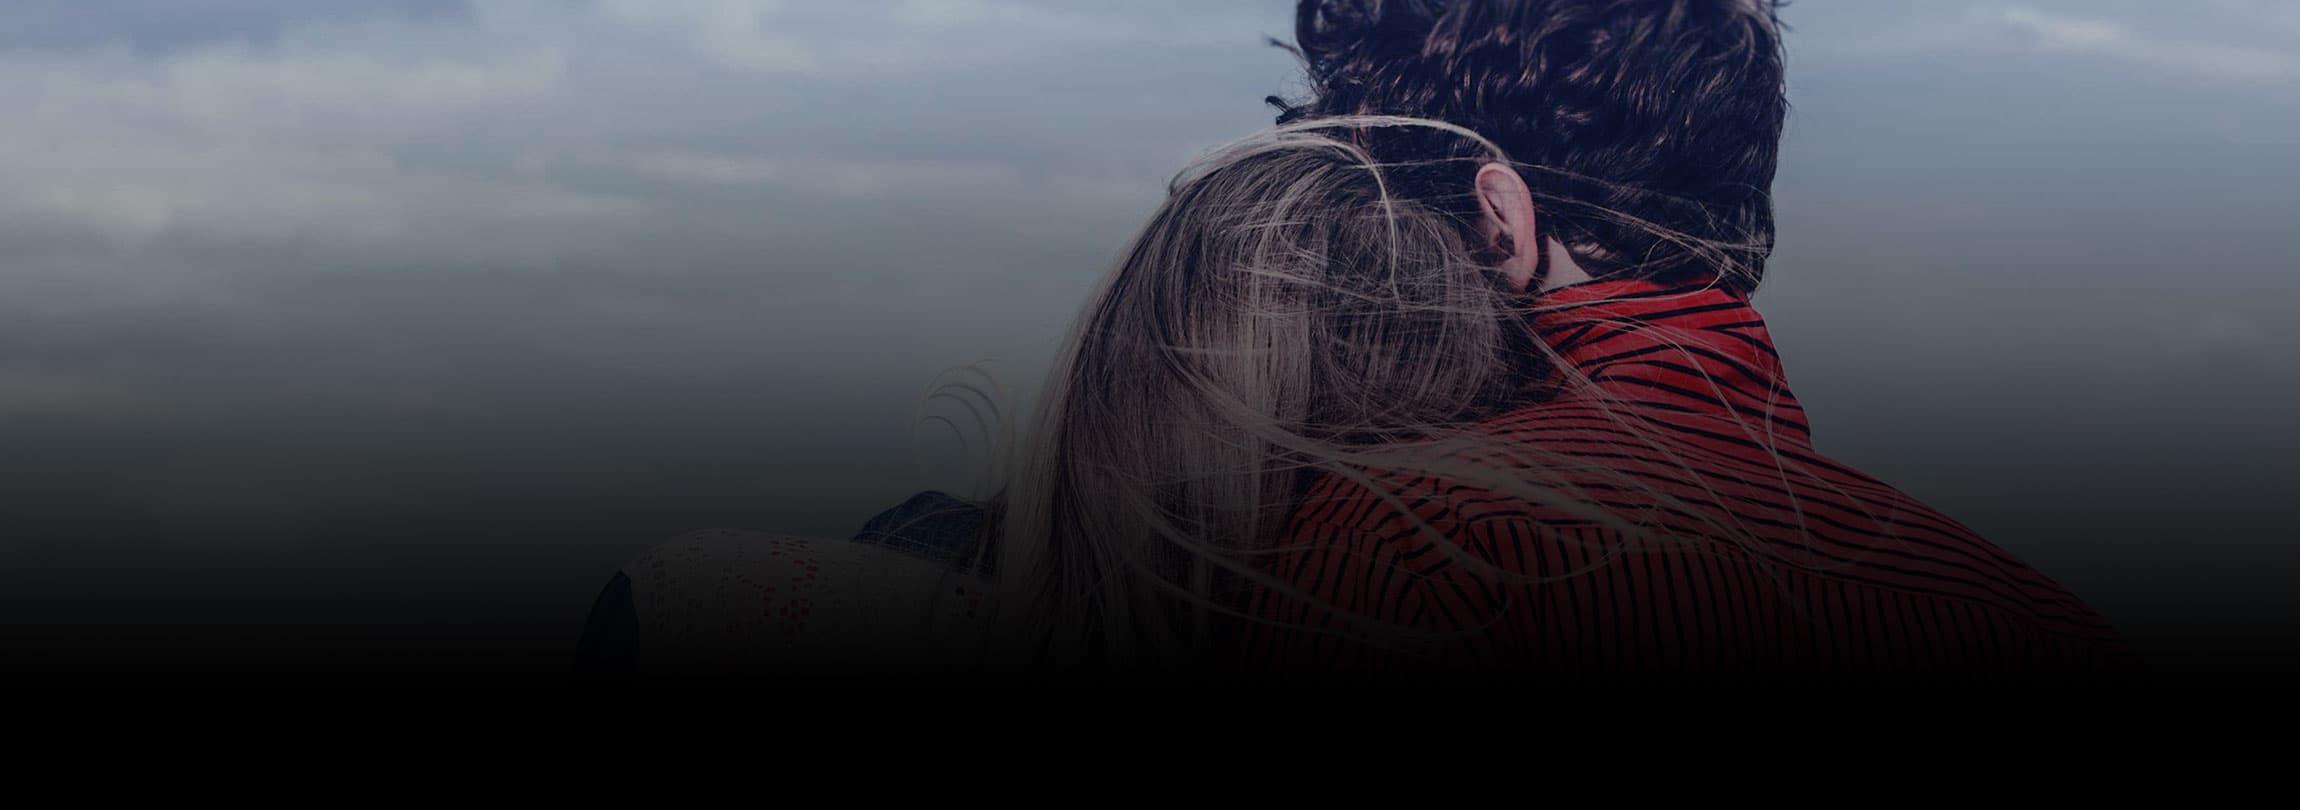 Sexo antes do casamento é pecado? Nossa resposta a um desabafo